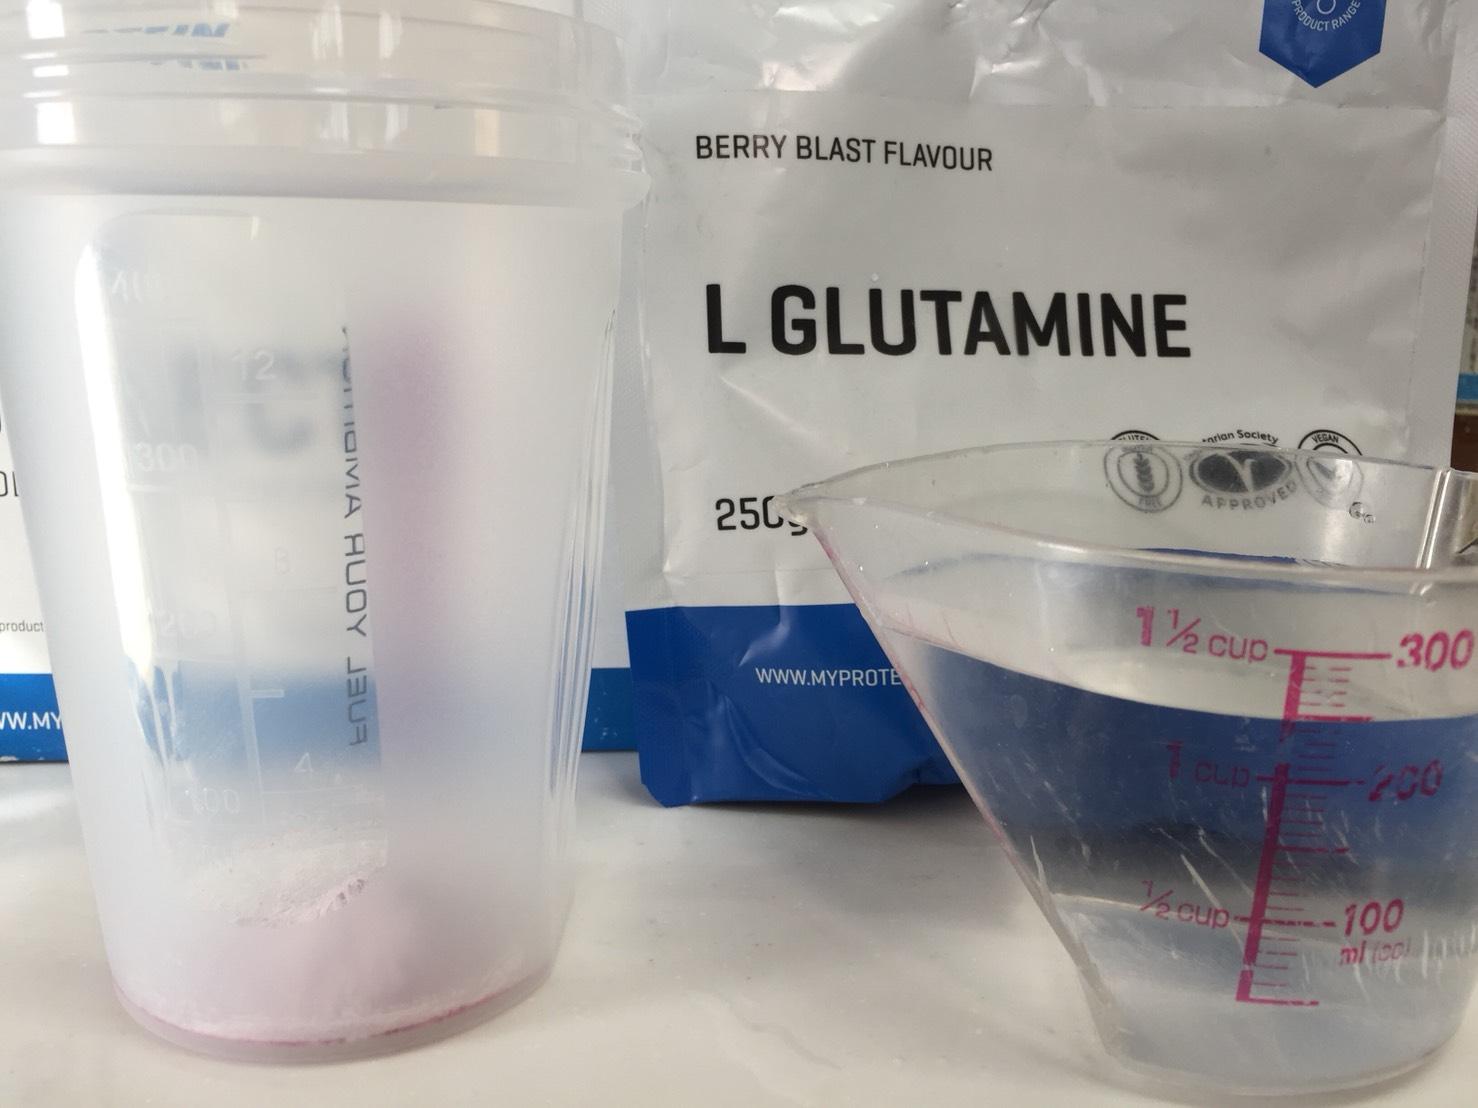 L-グルタミン「BERRY BLAST FLAVOUR(ベリーブラスト味)」を250mlの水に溶かします